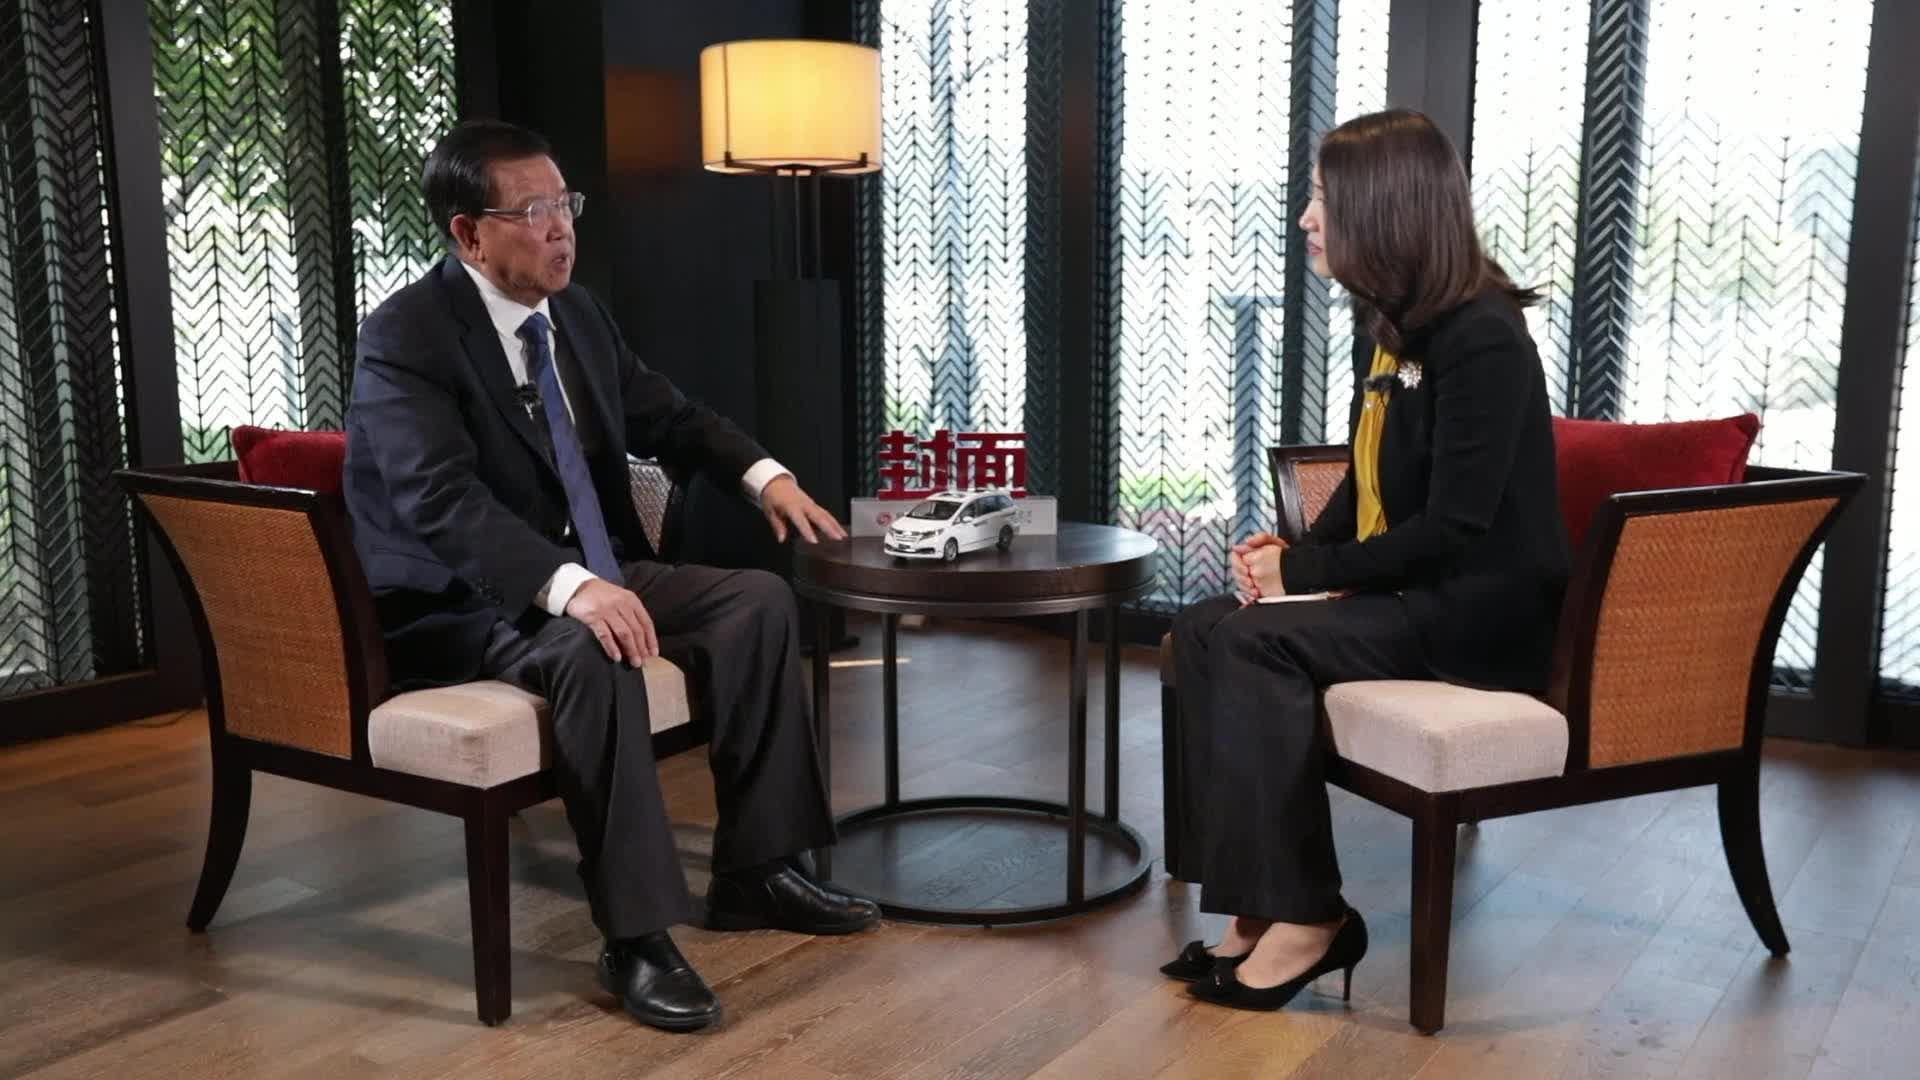 凤凰《封面》|对话中国入世首席谈判代表龙永图(完整版)